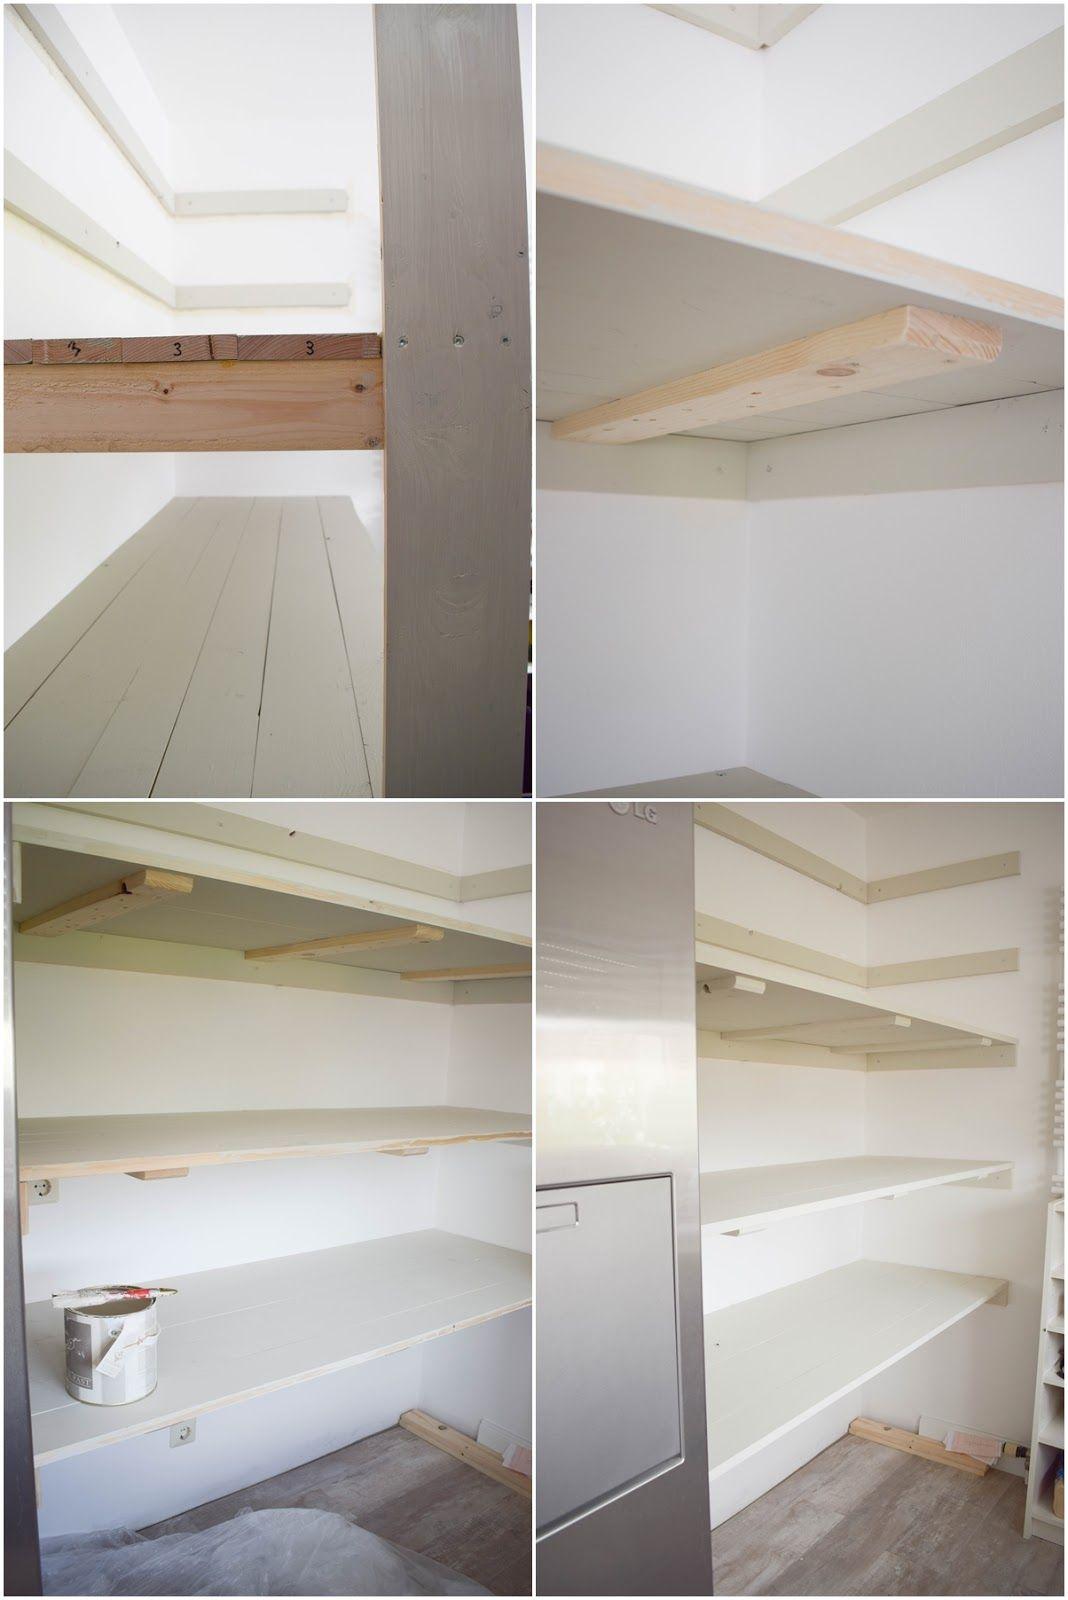 DIY Regal Vorratsregal selber bauen kueche organisieren vorratsraum ...